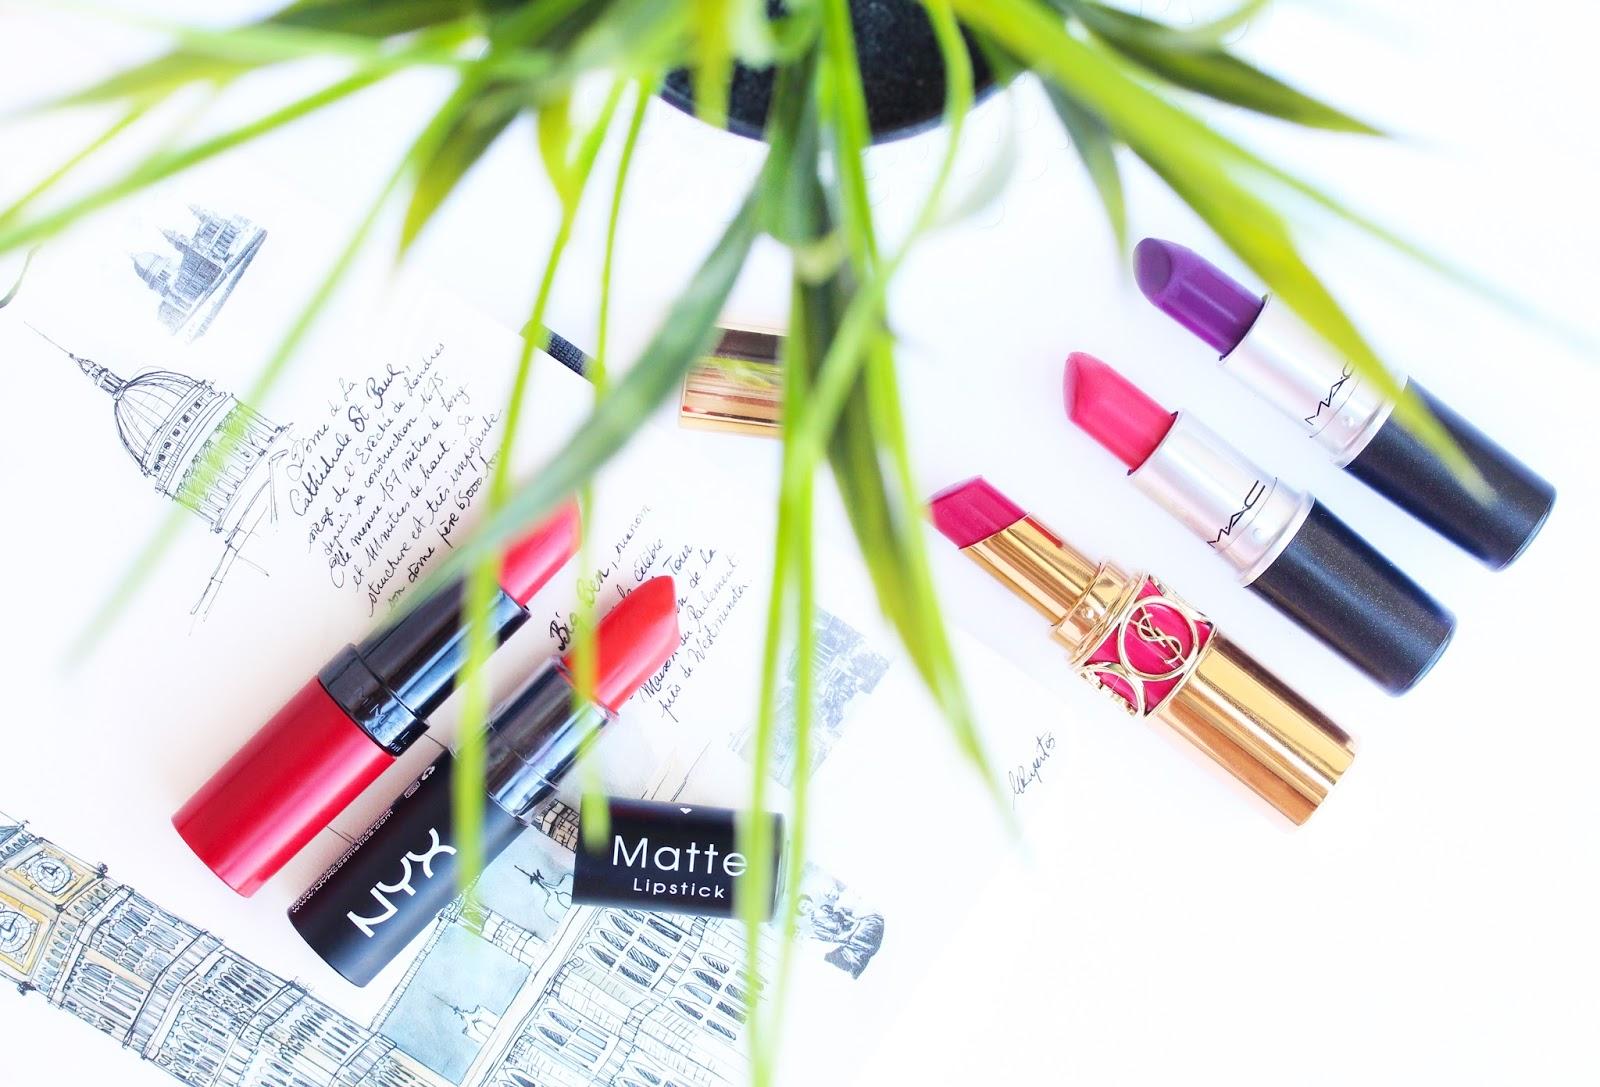 Top 5 Summer Lipsticks